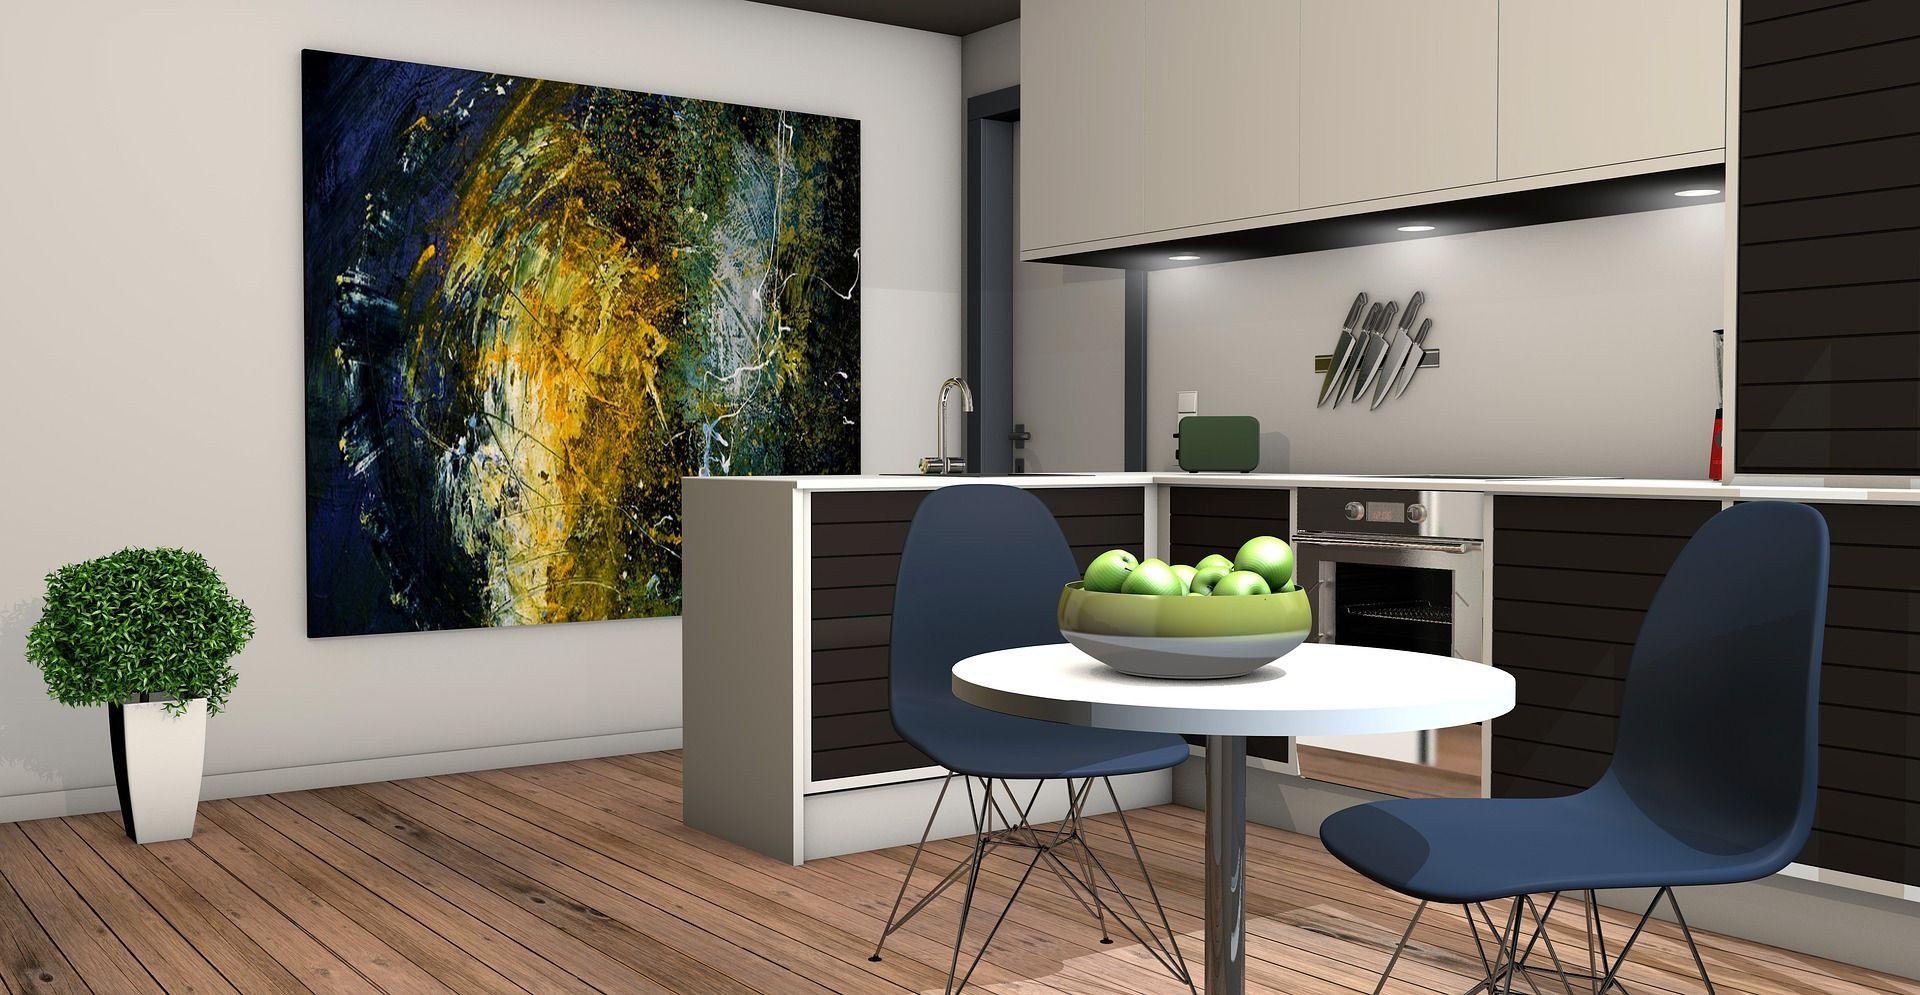 Foto 7 de Muebles de baño y cocina en Santa Cruz de Tenerife | AG Interiores